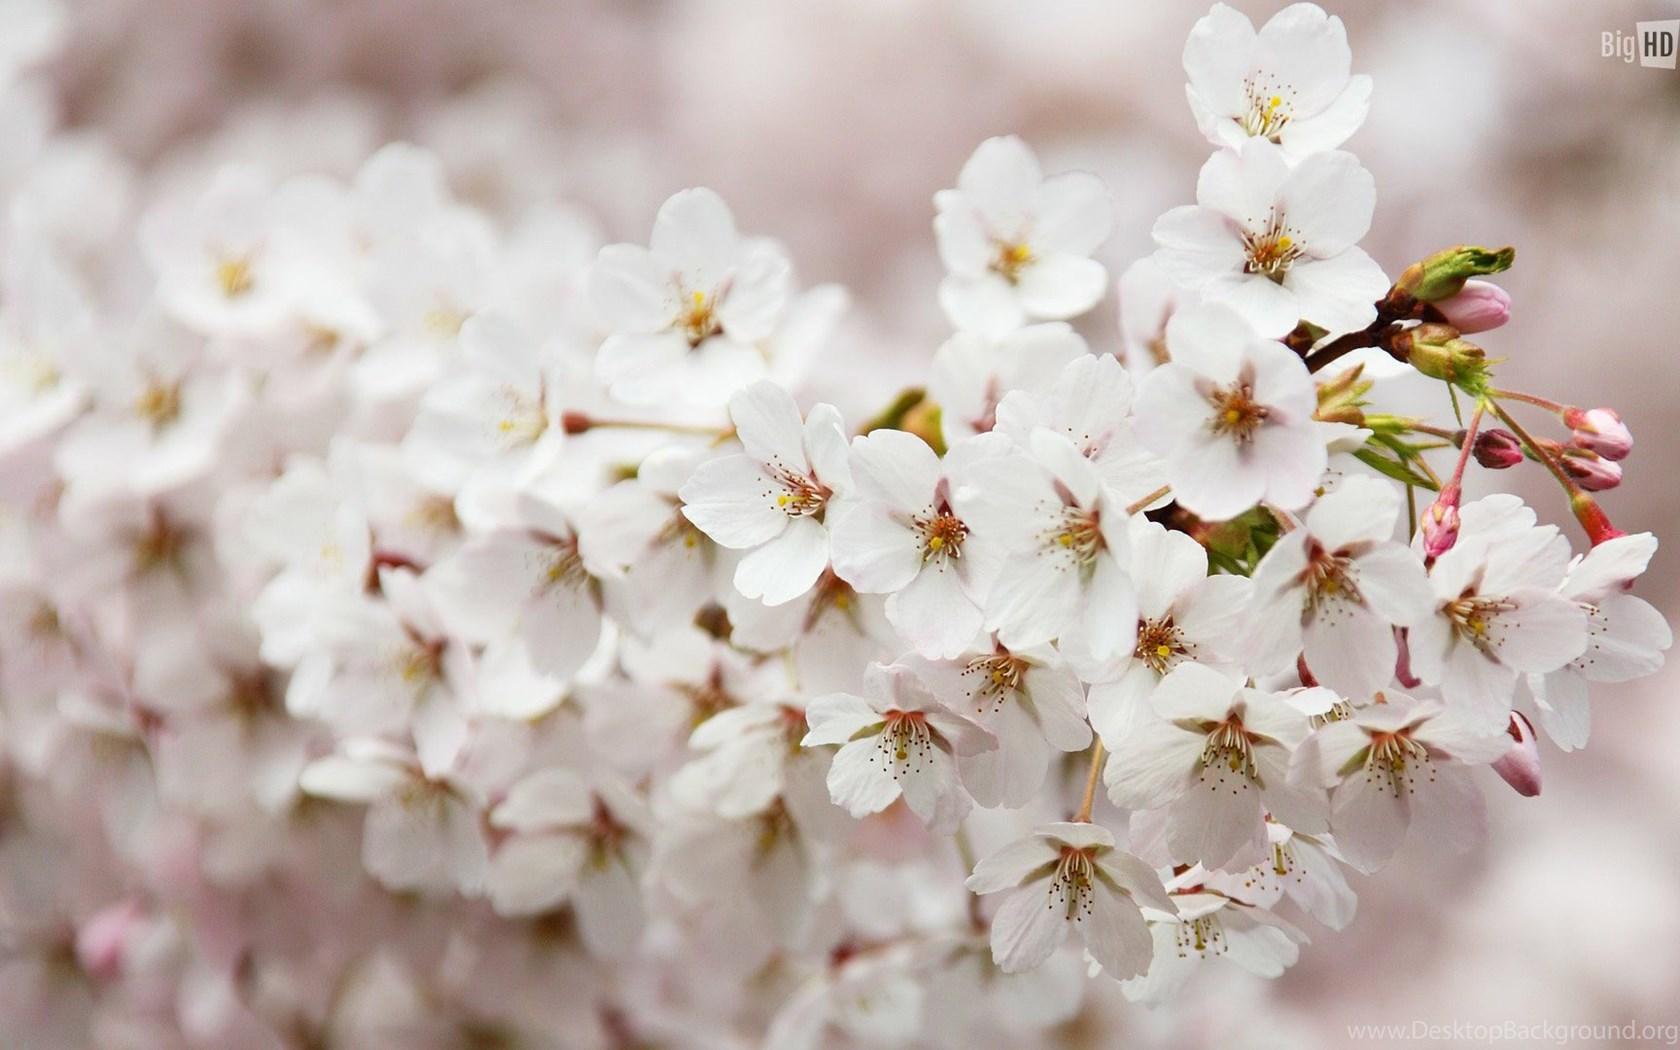 10 spring flowers hd wallpapers desktop background widescreen mightylinksfo